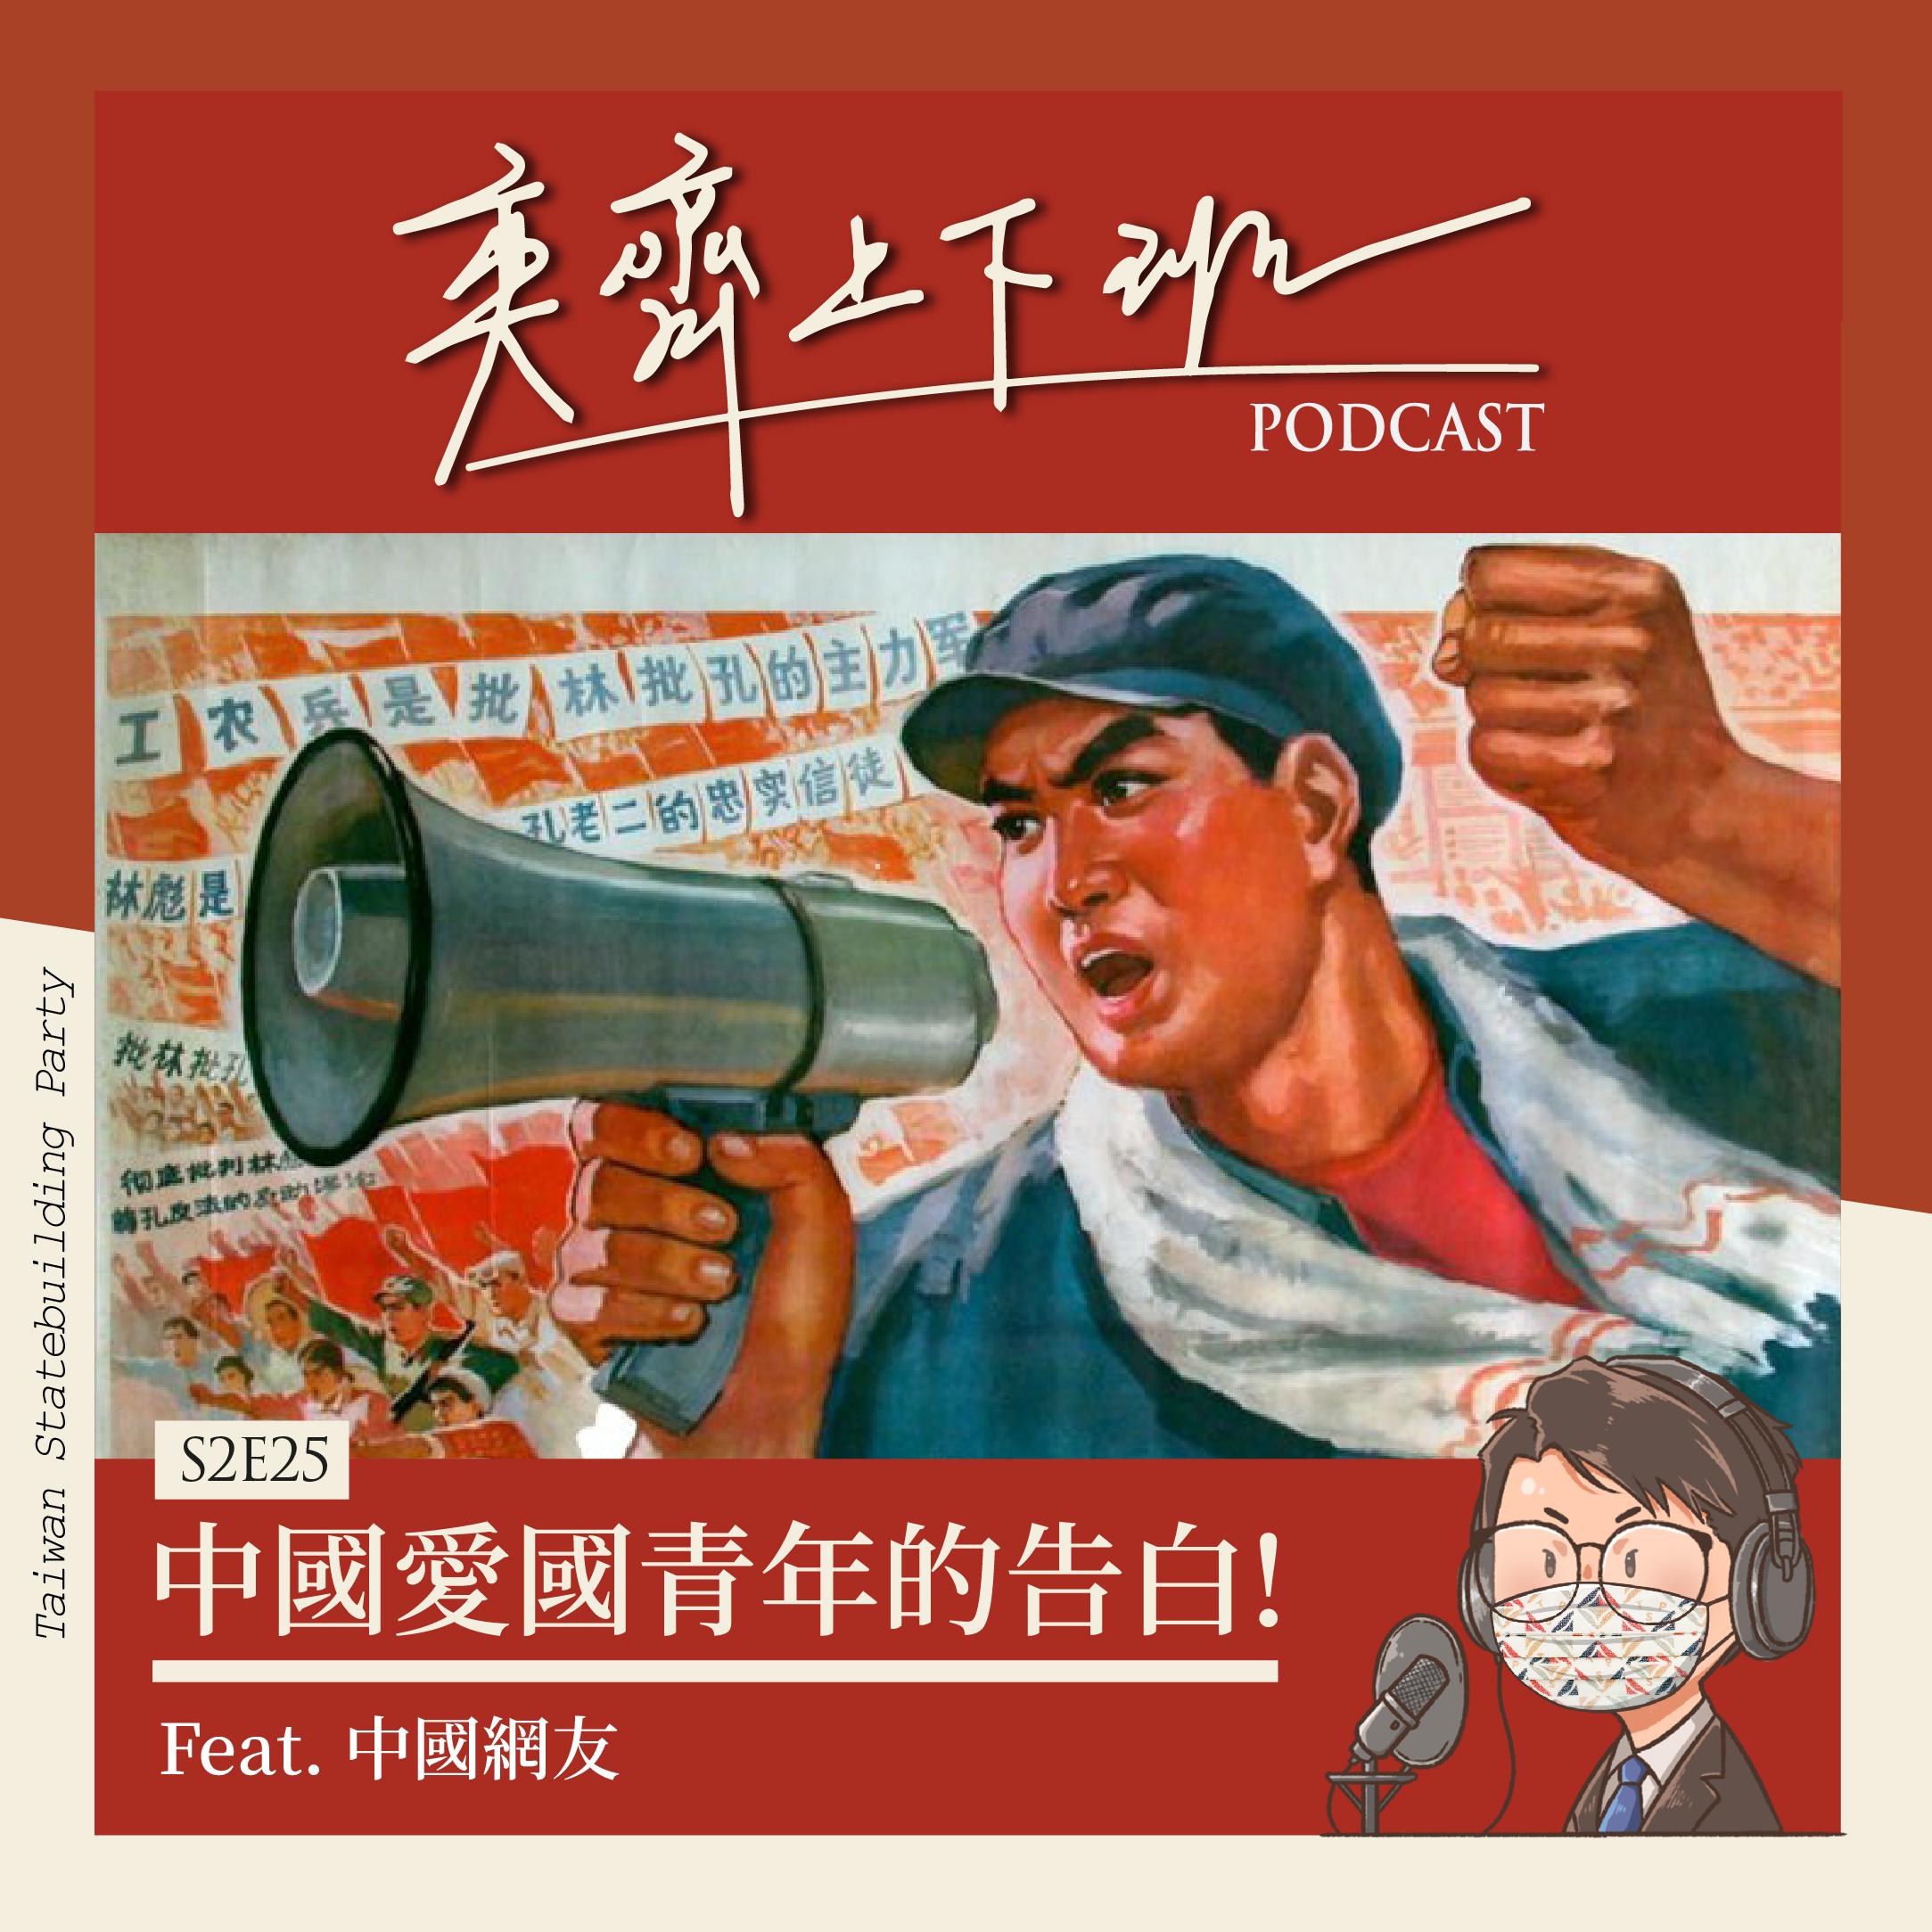 S2E25 中國愛國青年的告白 Feat. 中國網友